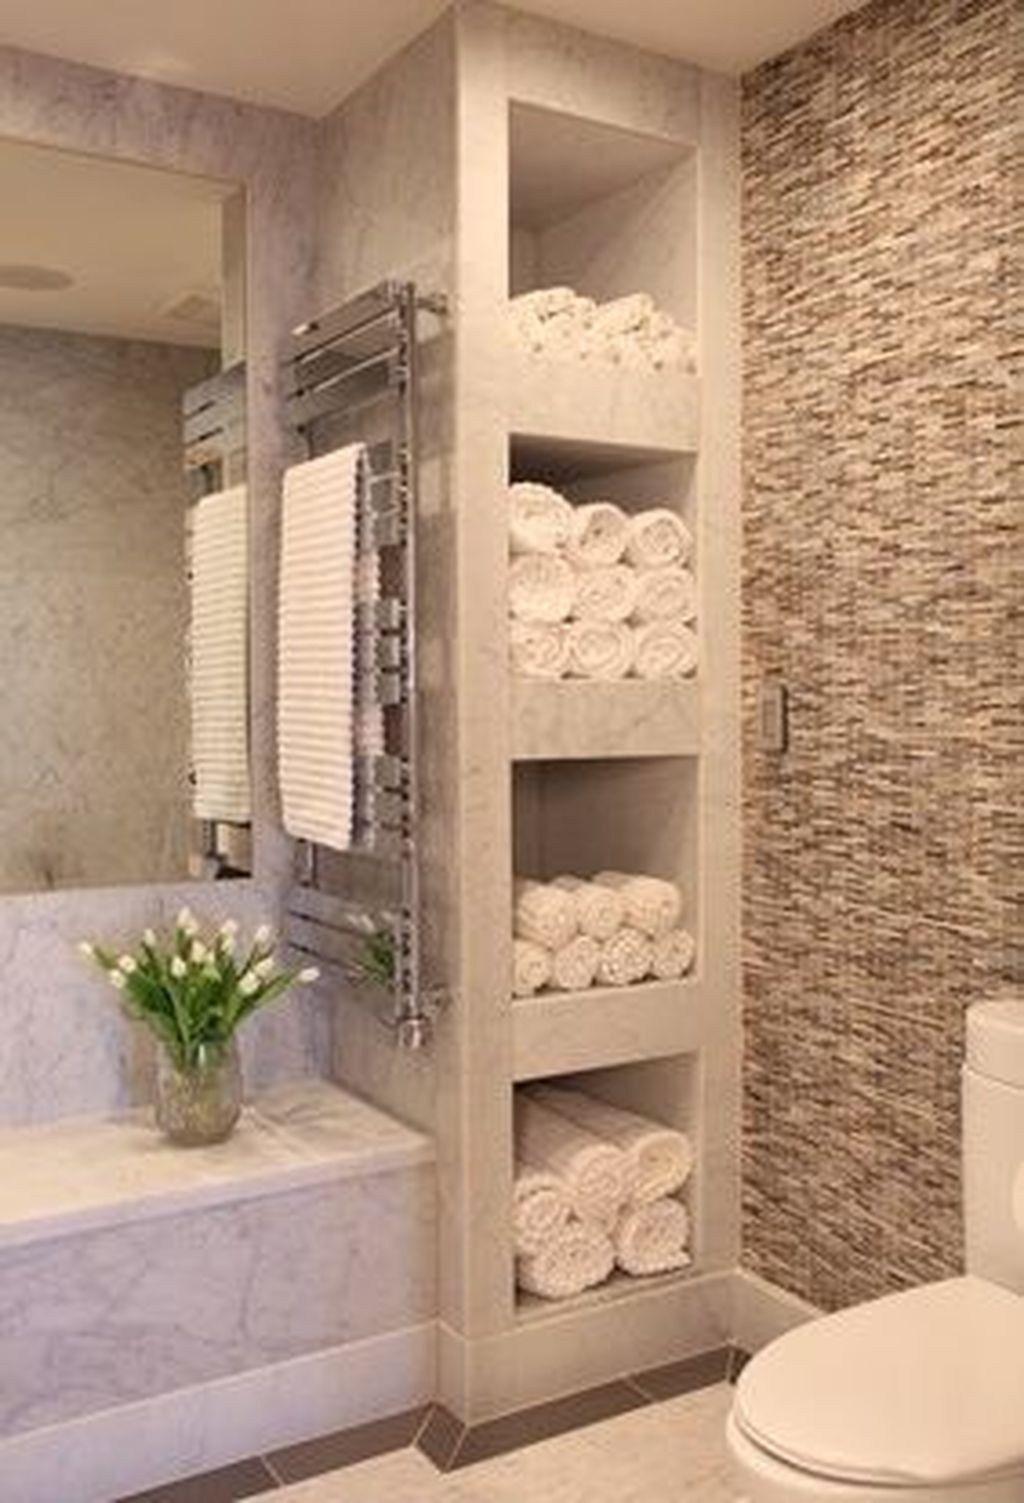 50 Inspirierende Ideen Fur Badetuchablagen Wohnung Badezimmer